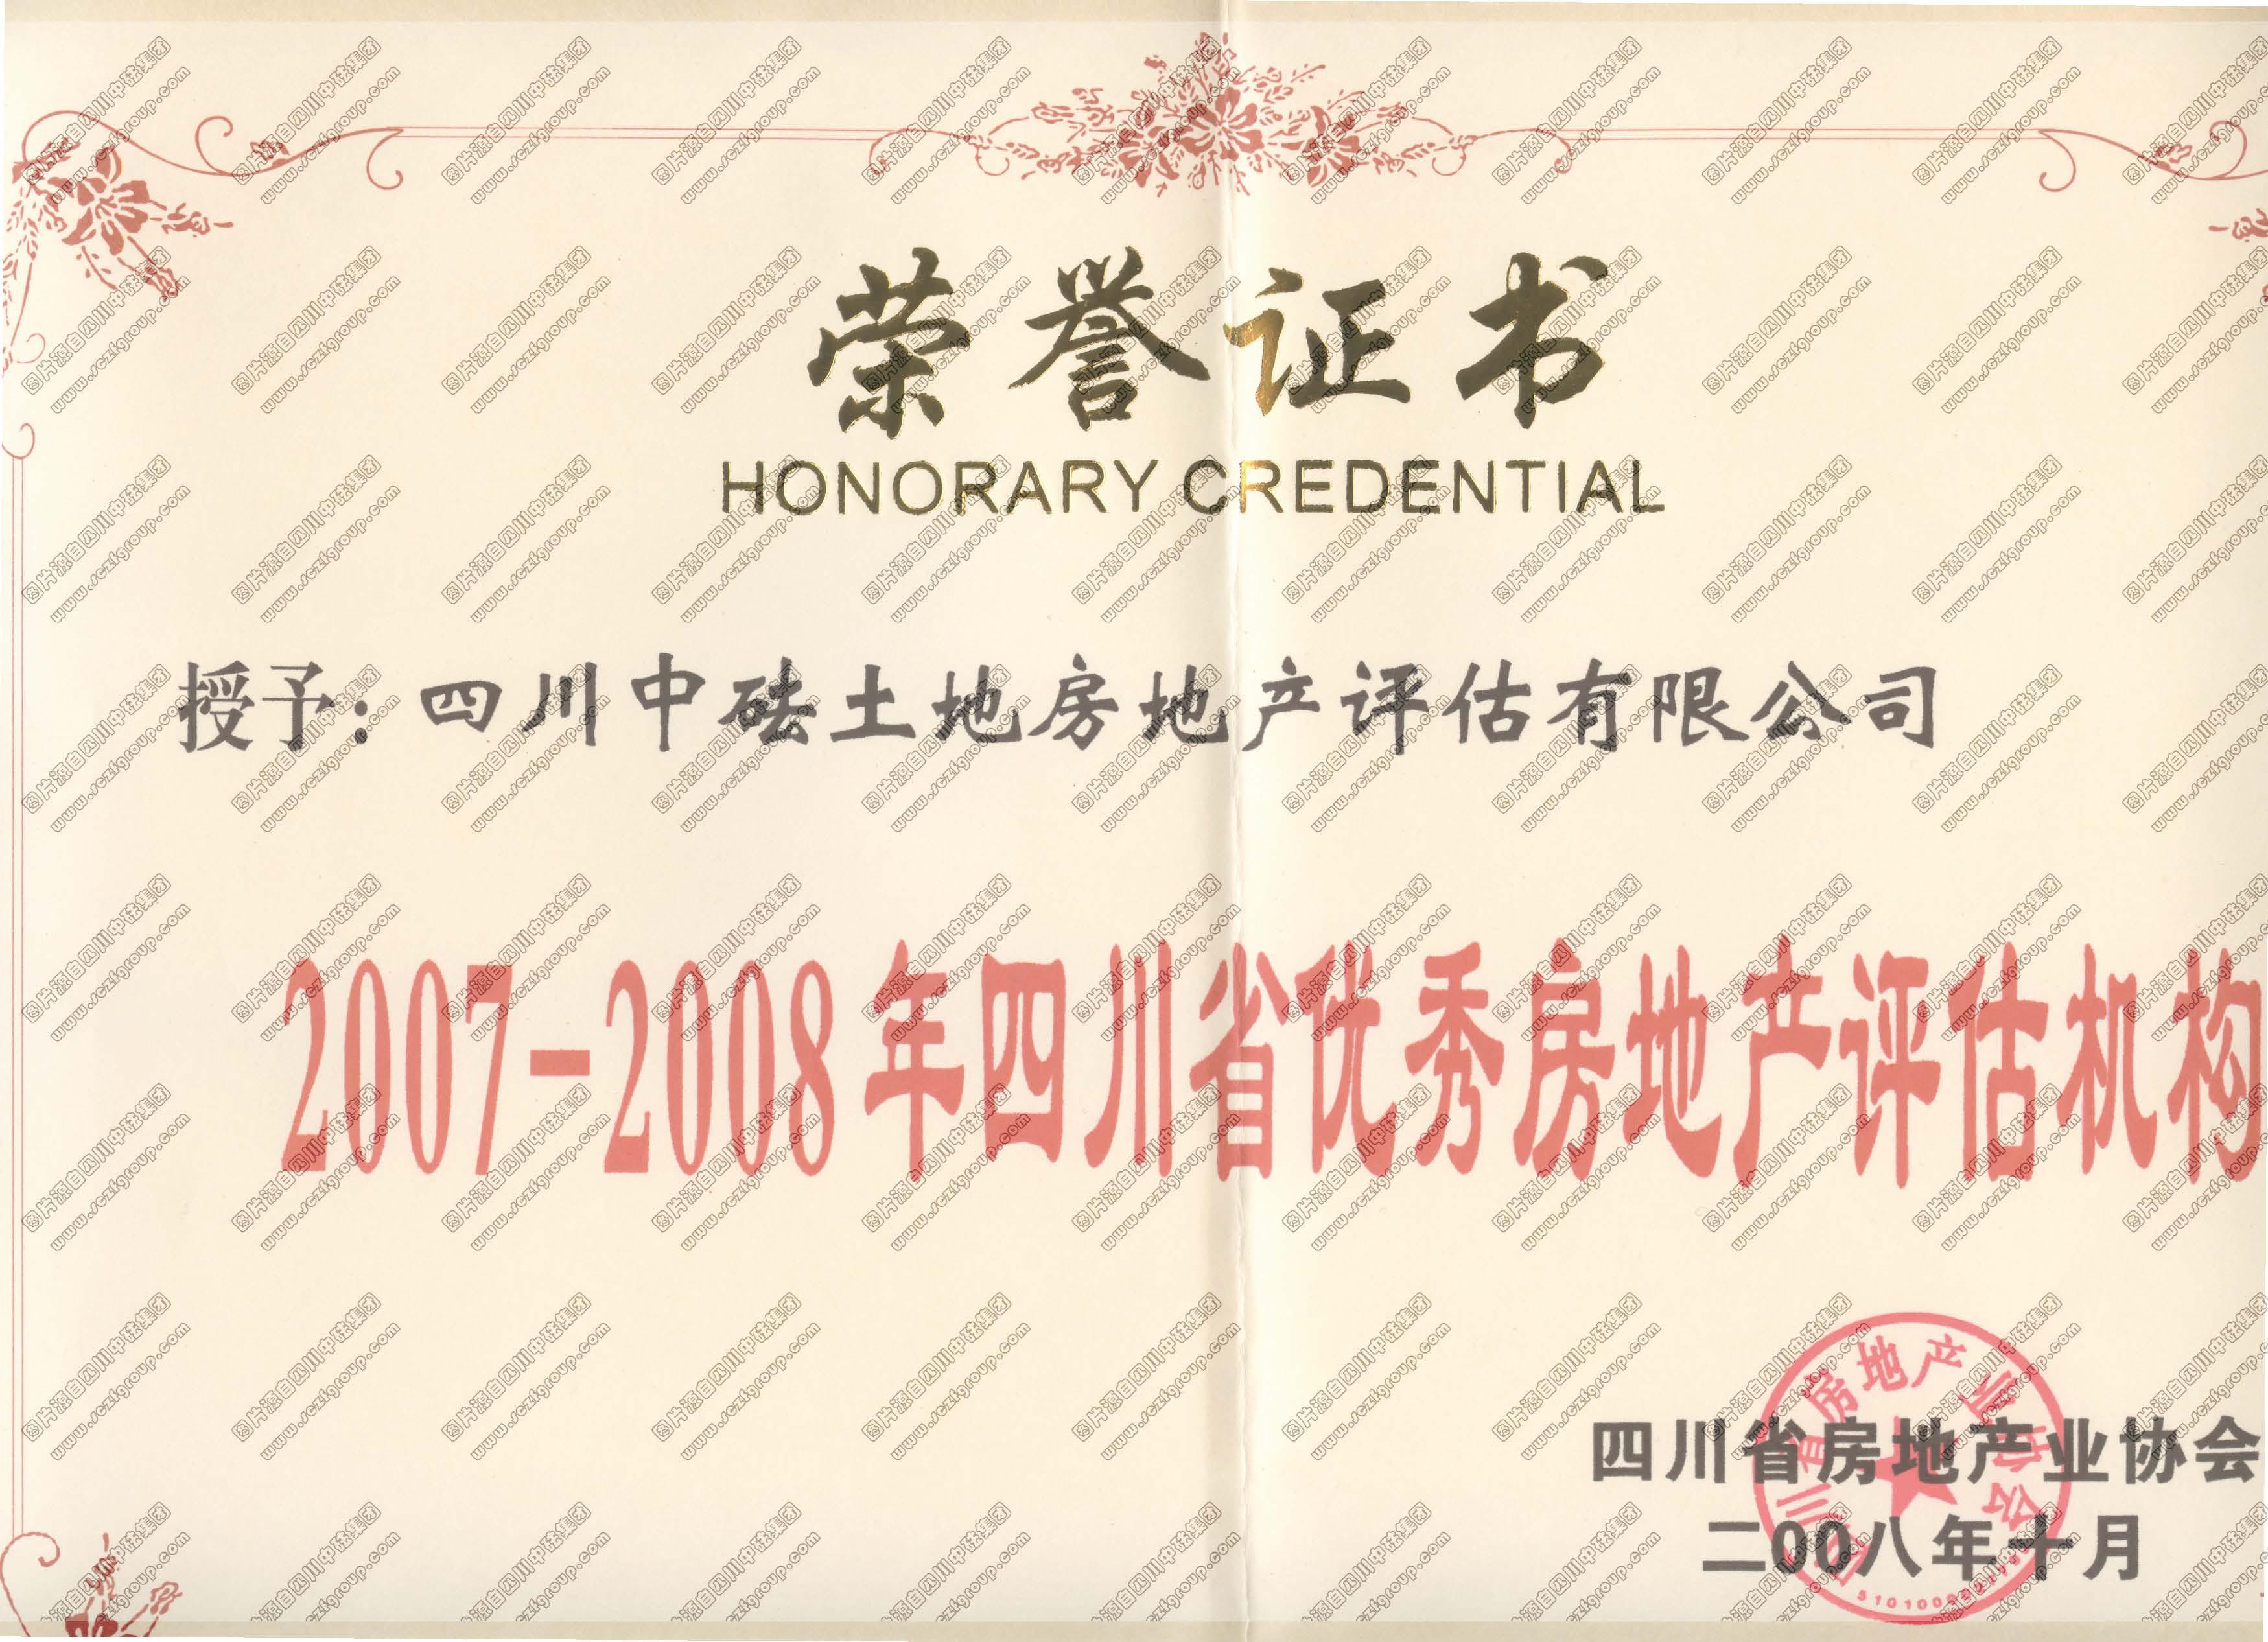 2007-2008年优秀房地产评估机构荣誉证书